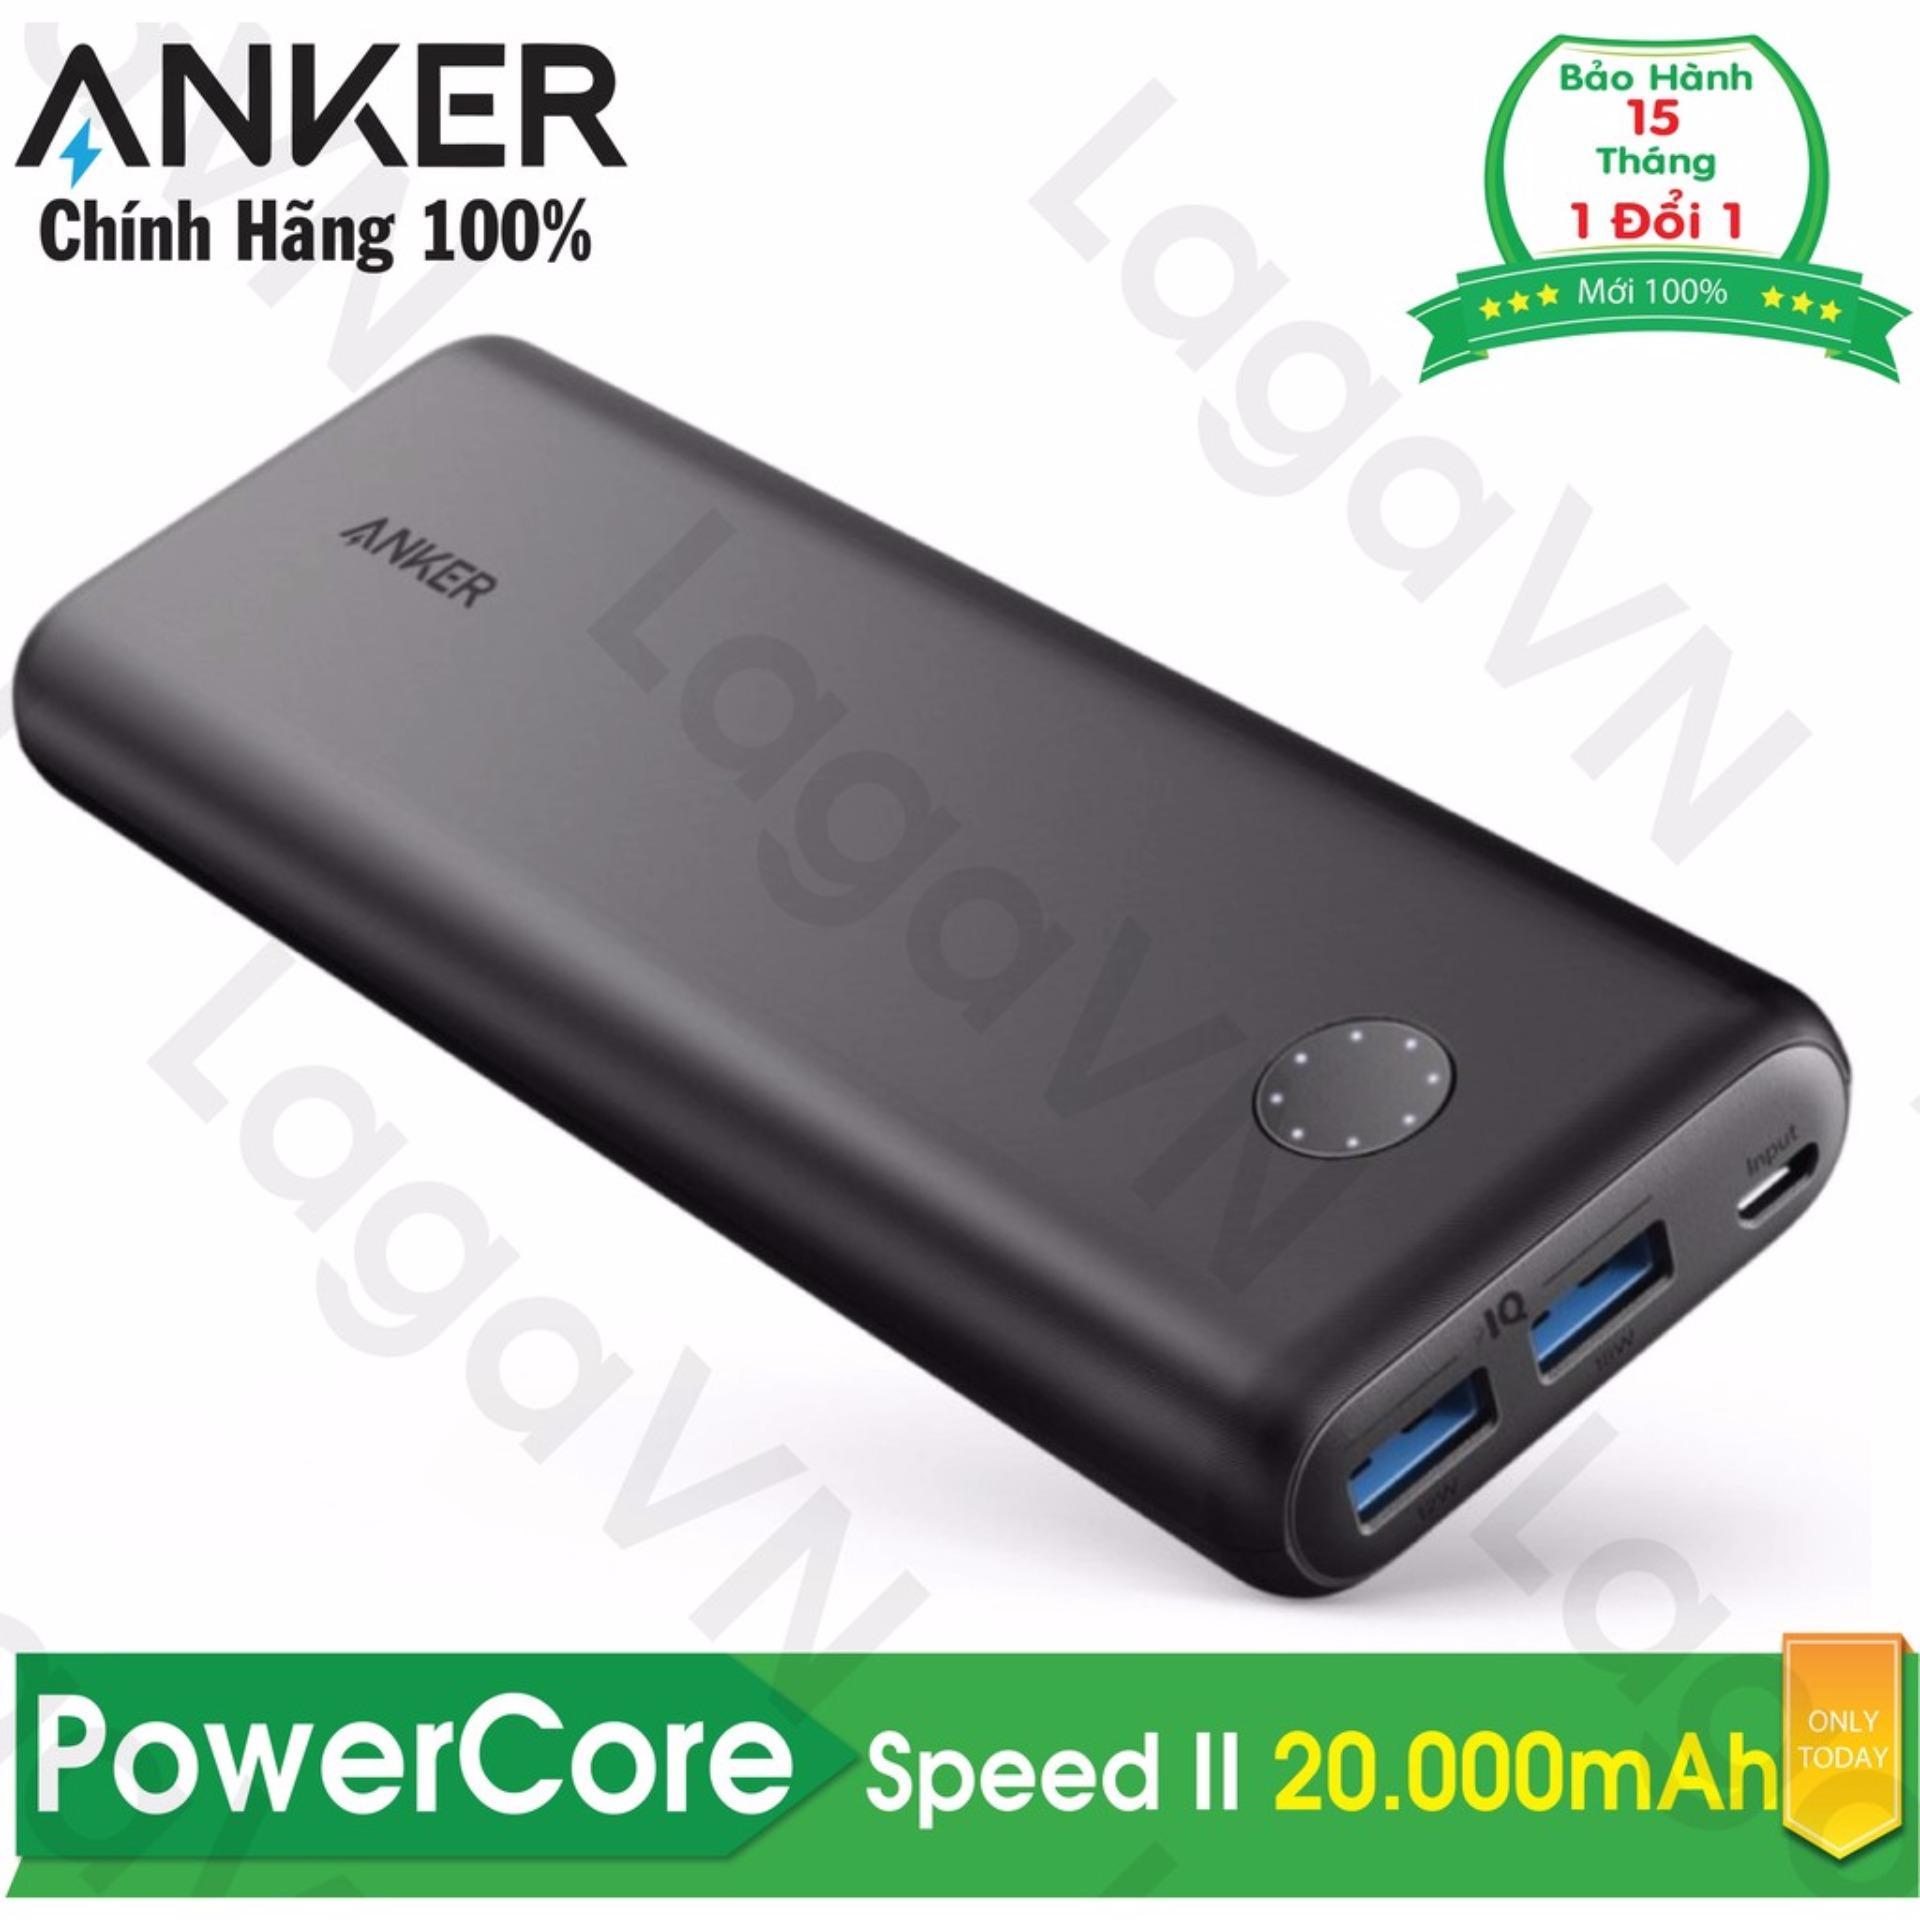 Hình ảnh Pin sạc dự phòng ANKER PowerCore Speed II 20000mAh - A1260 - Hãng phân phối chính thức